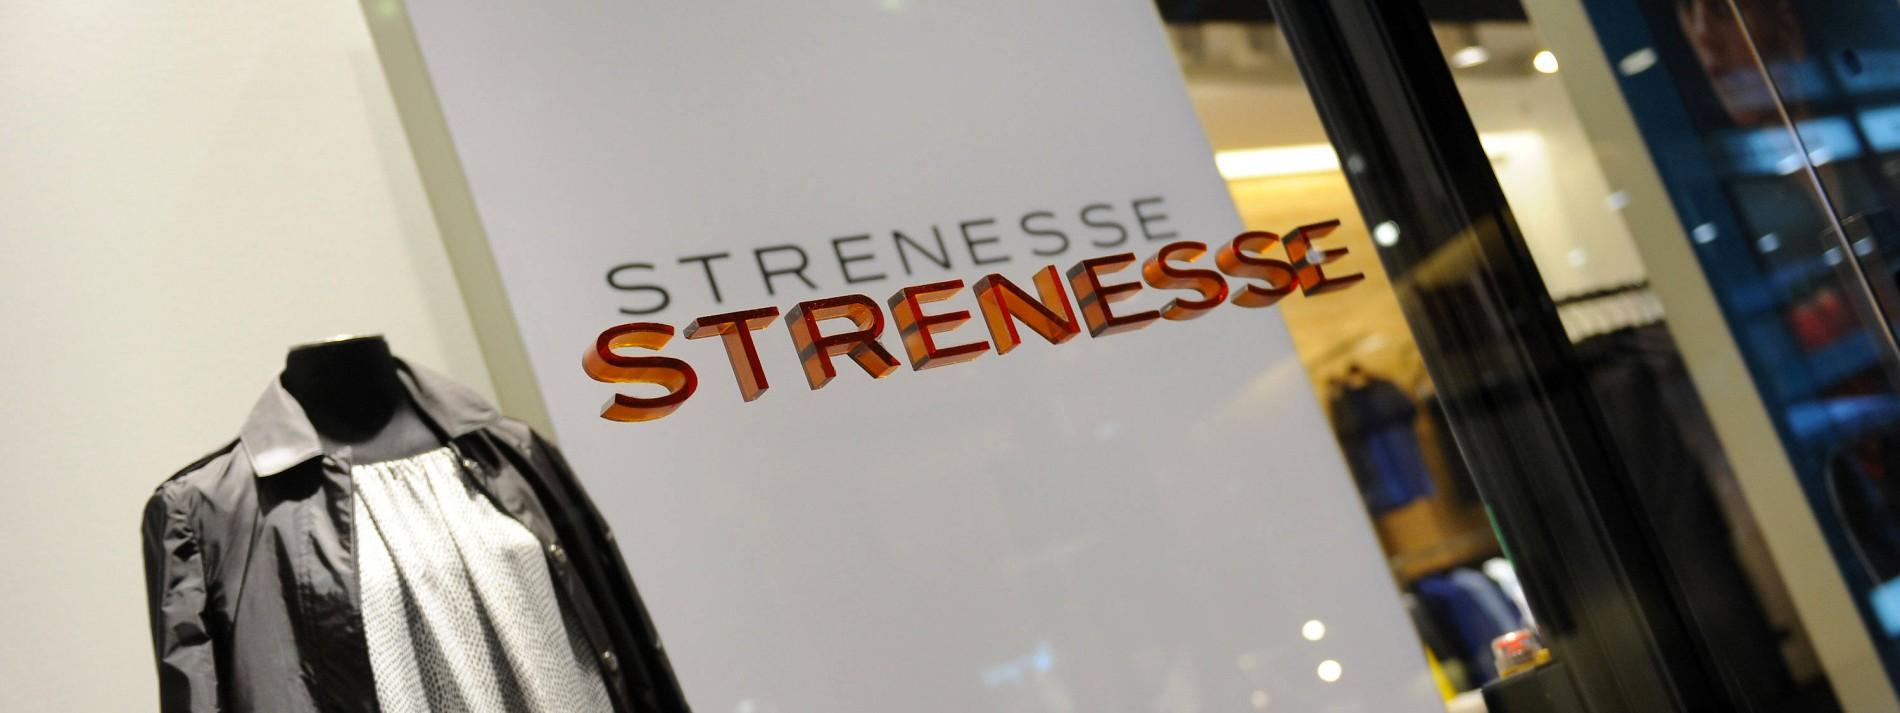 Luxusmodehersteller Strenesse stellt Betrieb ein